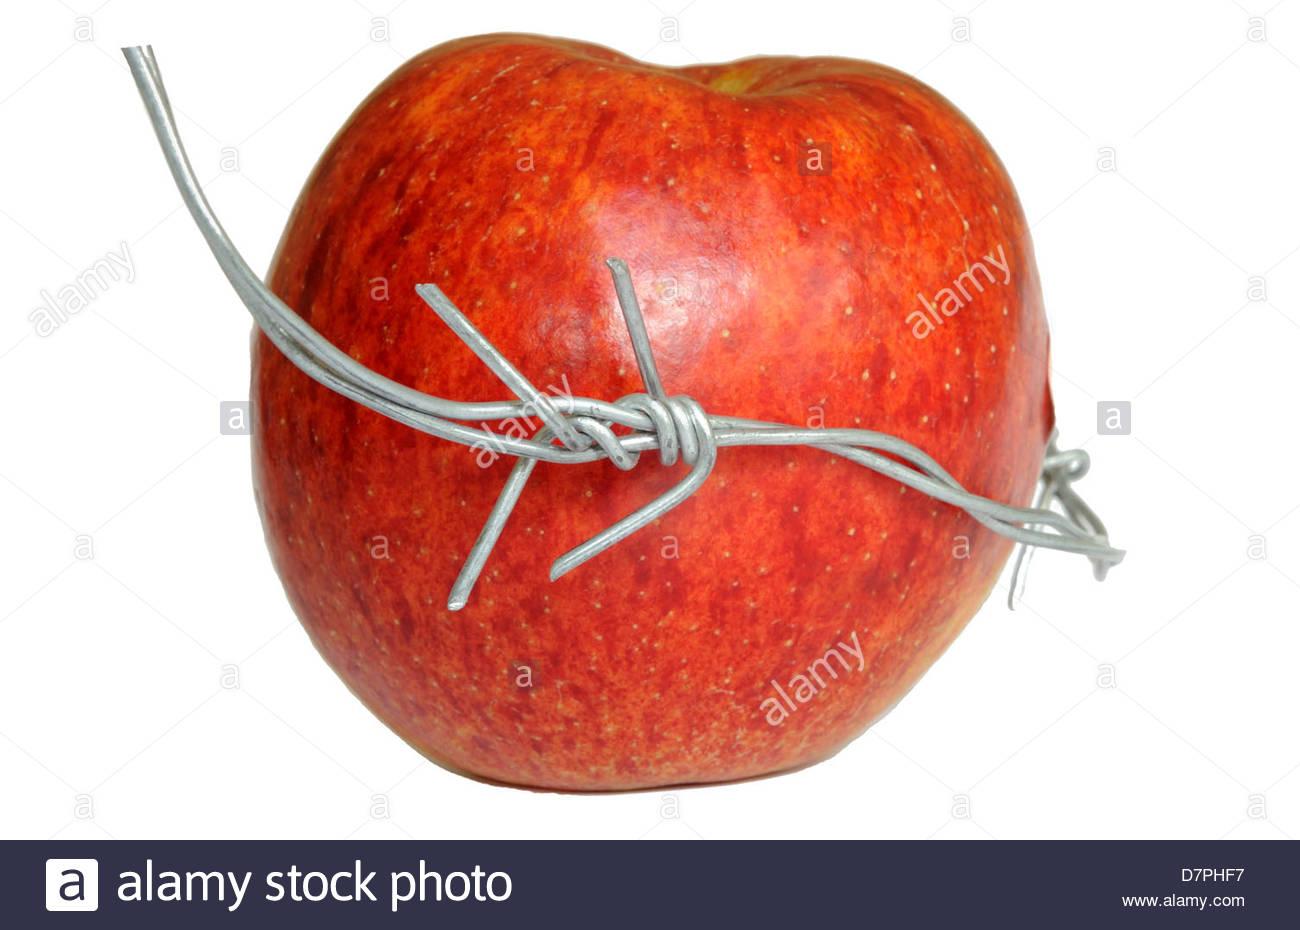 Apple und Stacheldraht - verbotene Frucht, Ernährungssicherheit, schneidet IP auf Hybrid. Stockbild